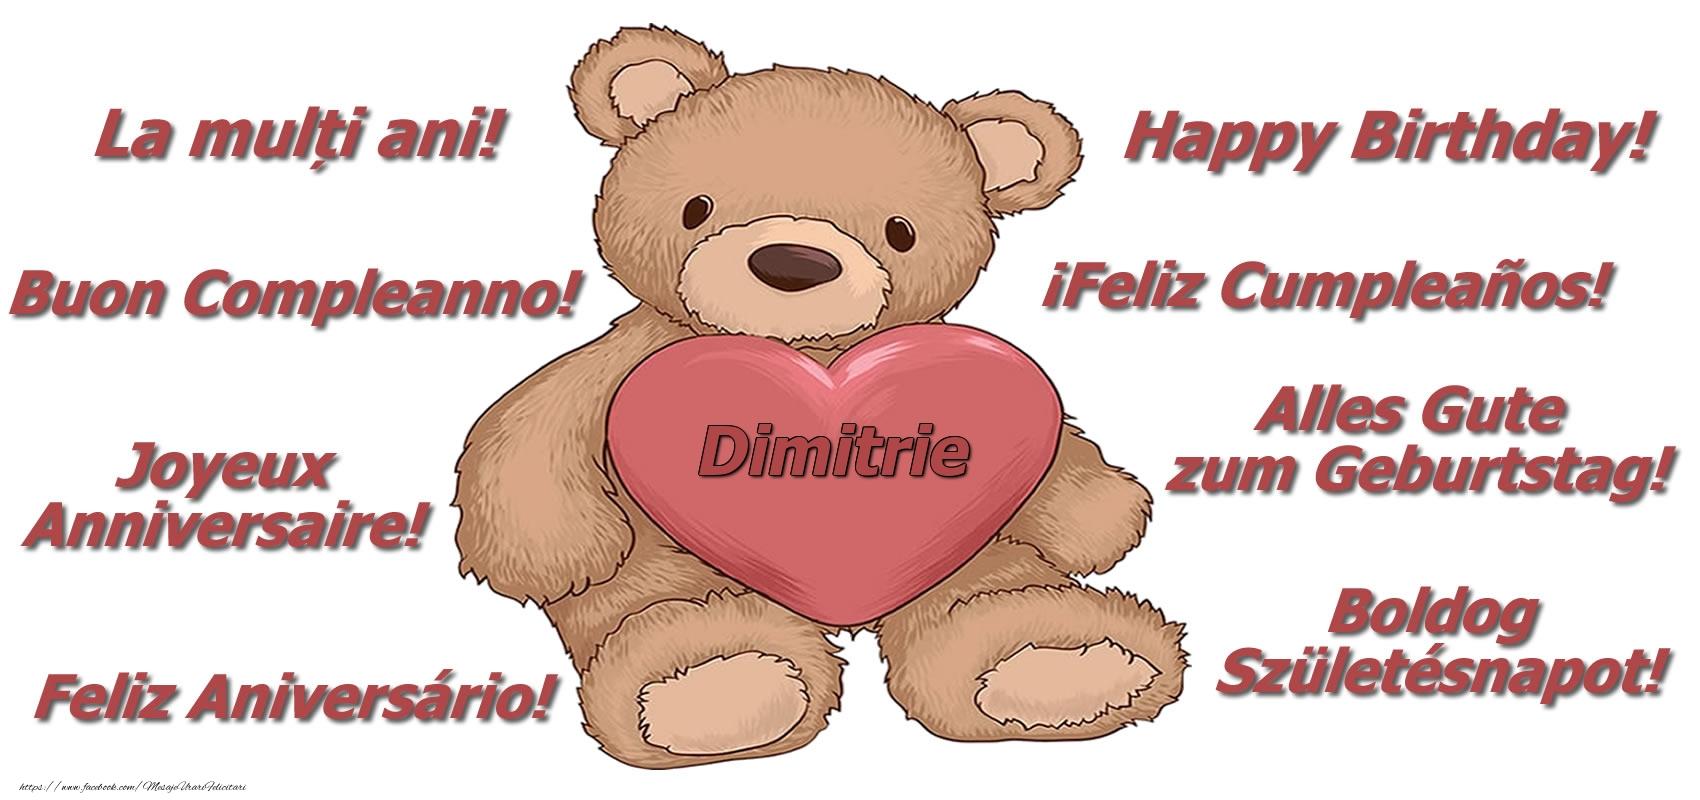 Felicitari de zi de nastere - La multi ani Dimitrie! - Ursulet